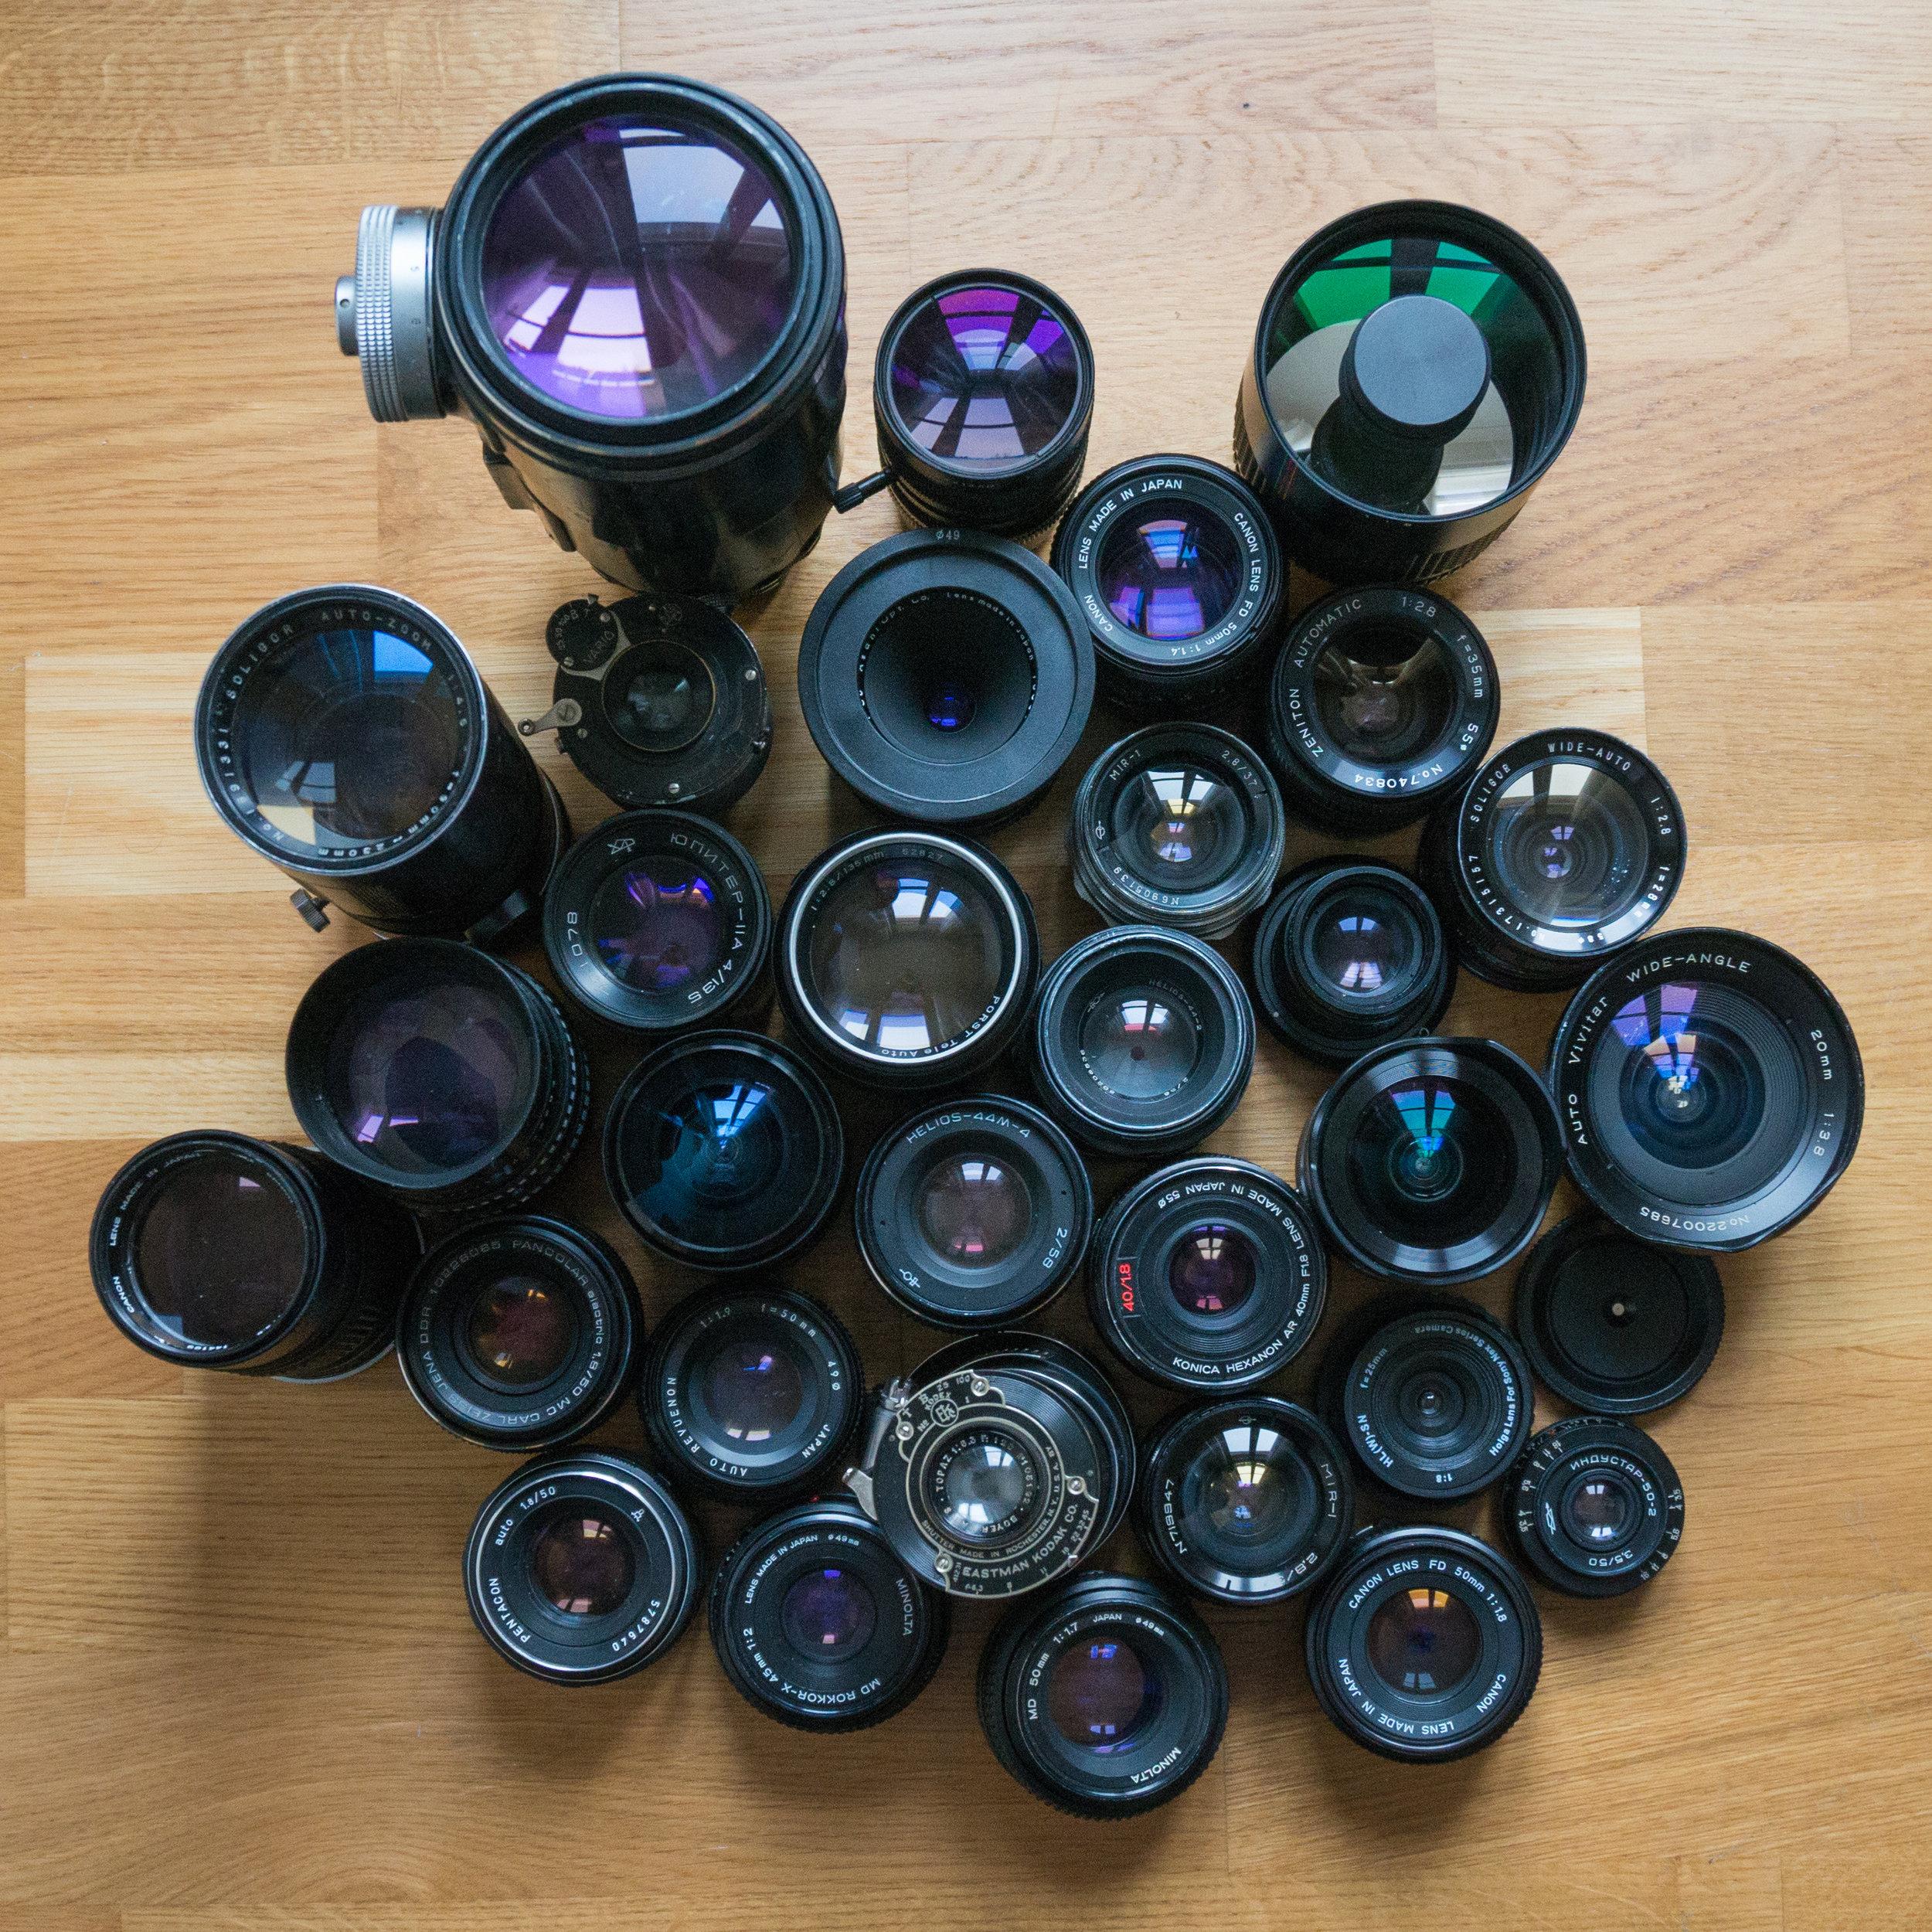 The Weird Lens Museum - A curiosity cabinet by Mathieu Stern